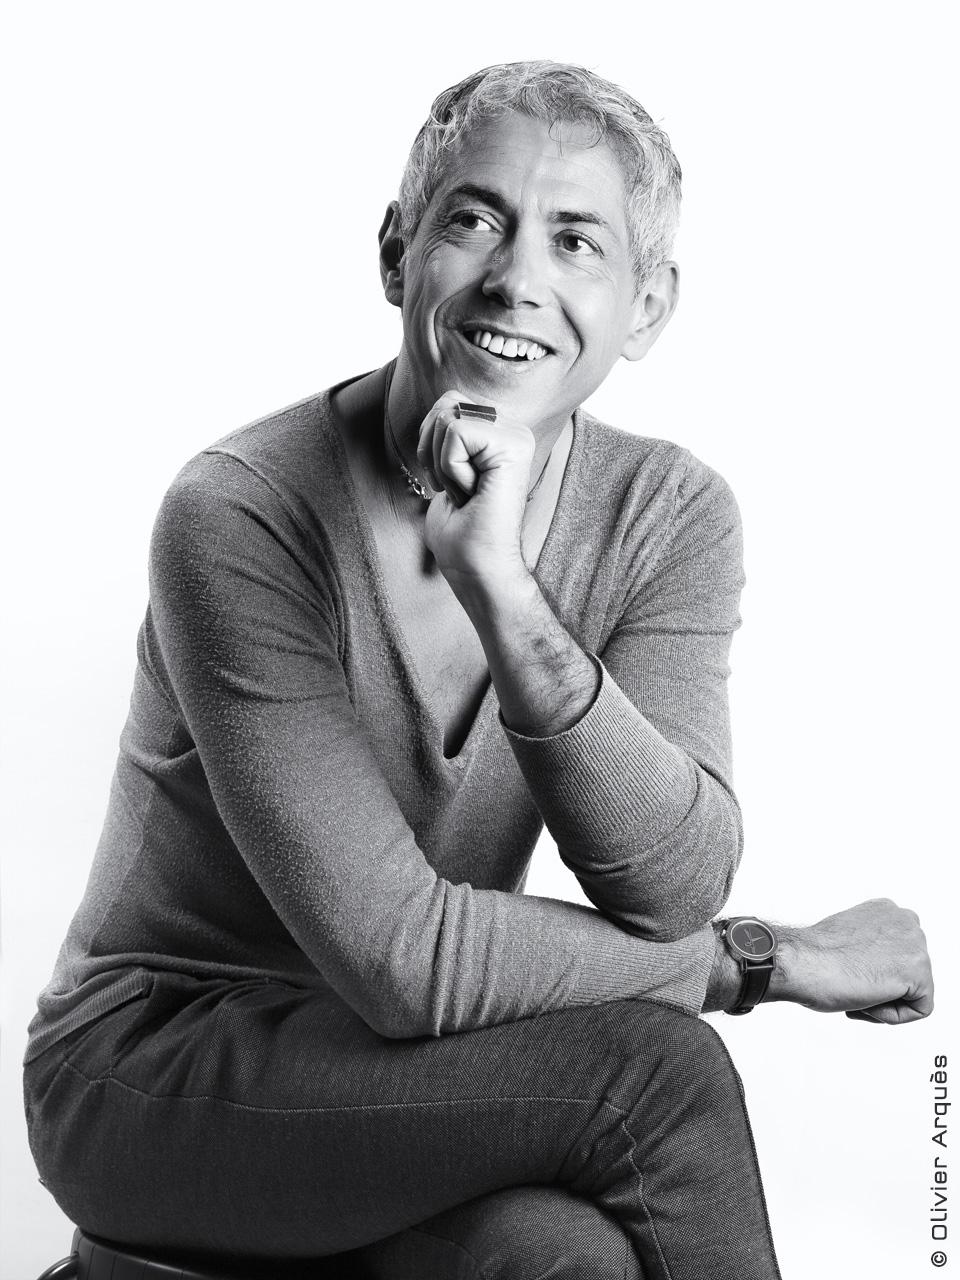 Olivier Jean - Soledad Créateur coiffeur - Portrait corporate © Olivier Arquès